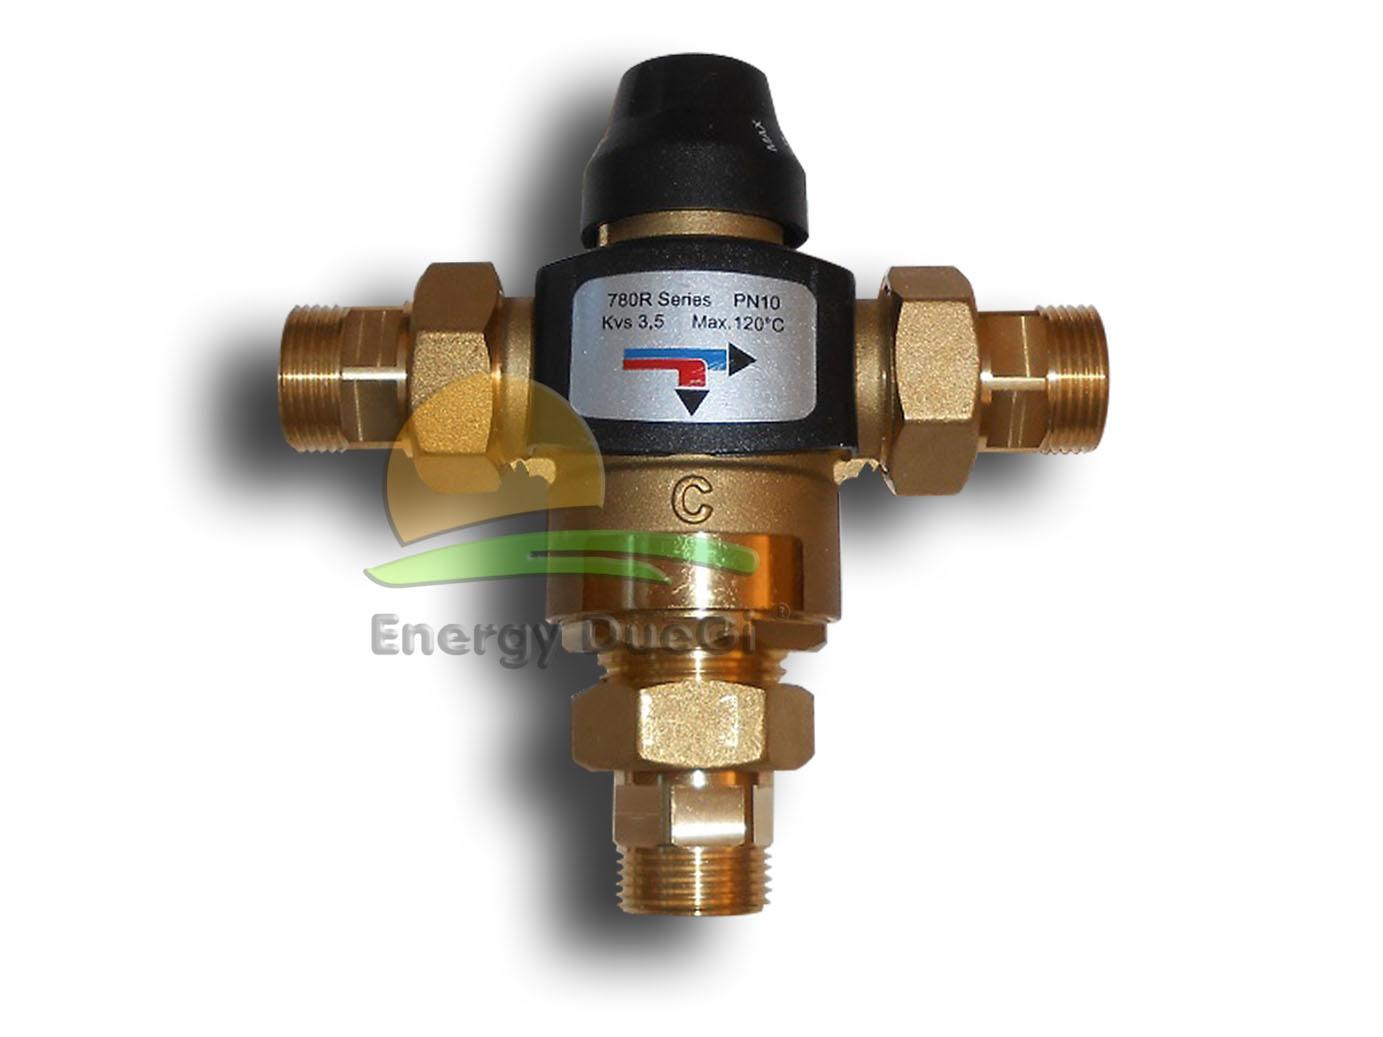 Valvola Miscelatrice Per Pannello Solare : Valvola deviatrice termostatica regolabile raccordi tubi